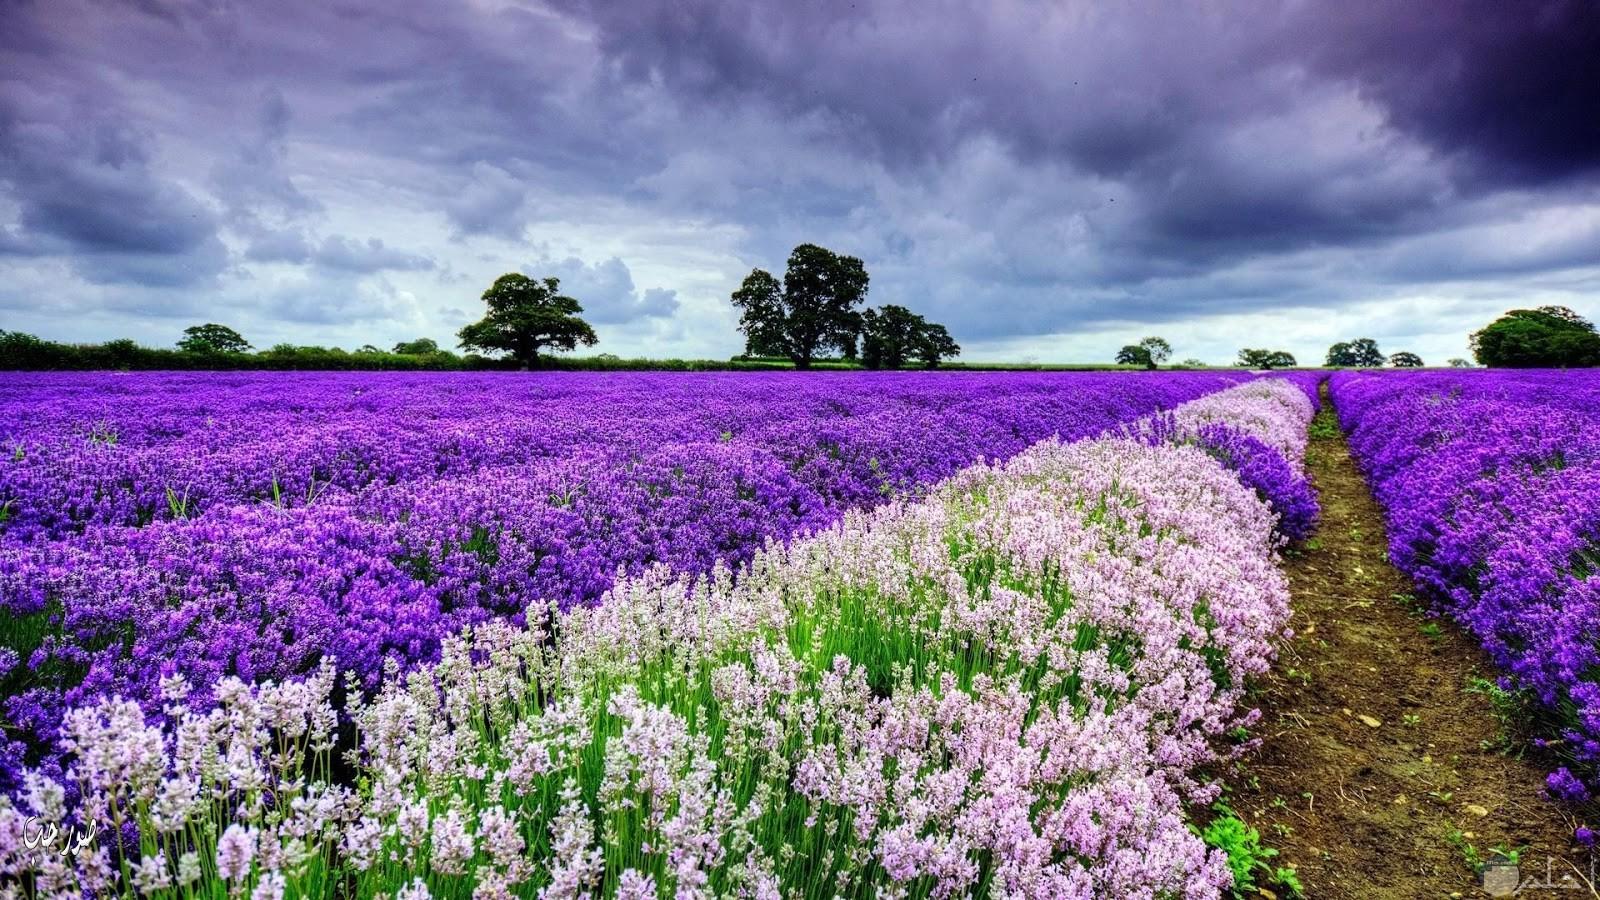 ارض مزروعه بنباتات ملونه ومميزة جميلة جدا